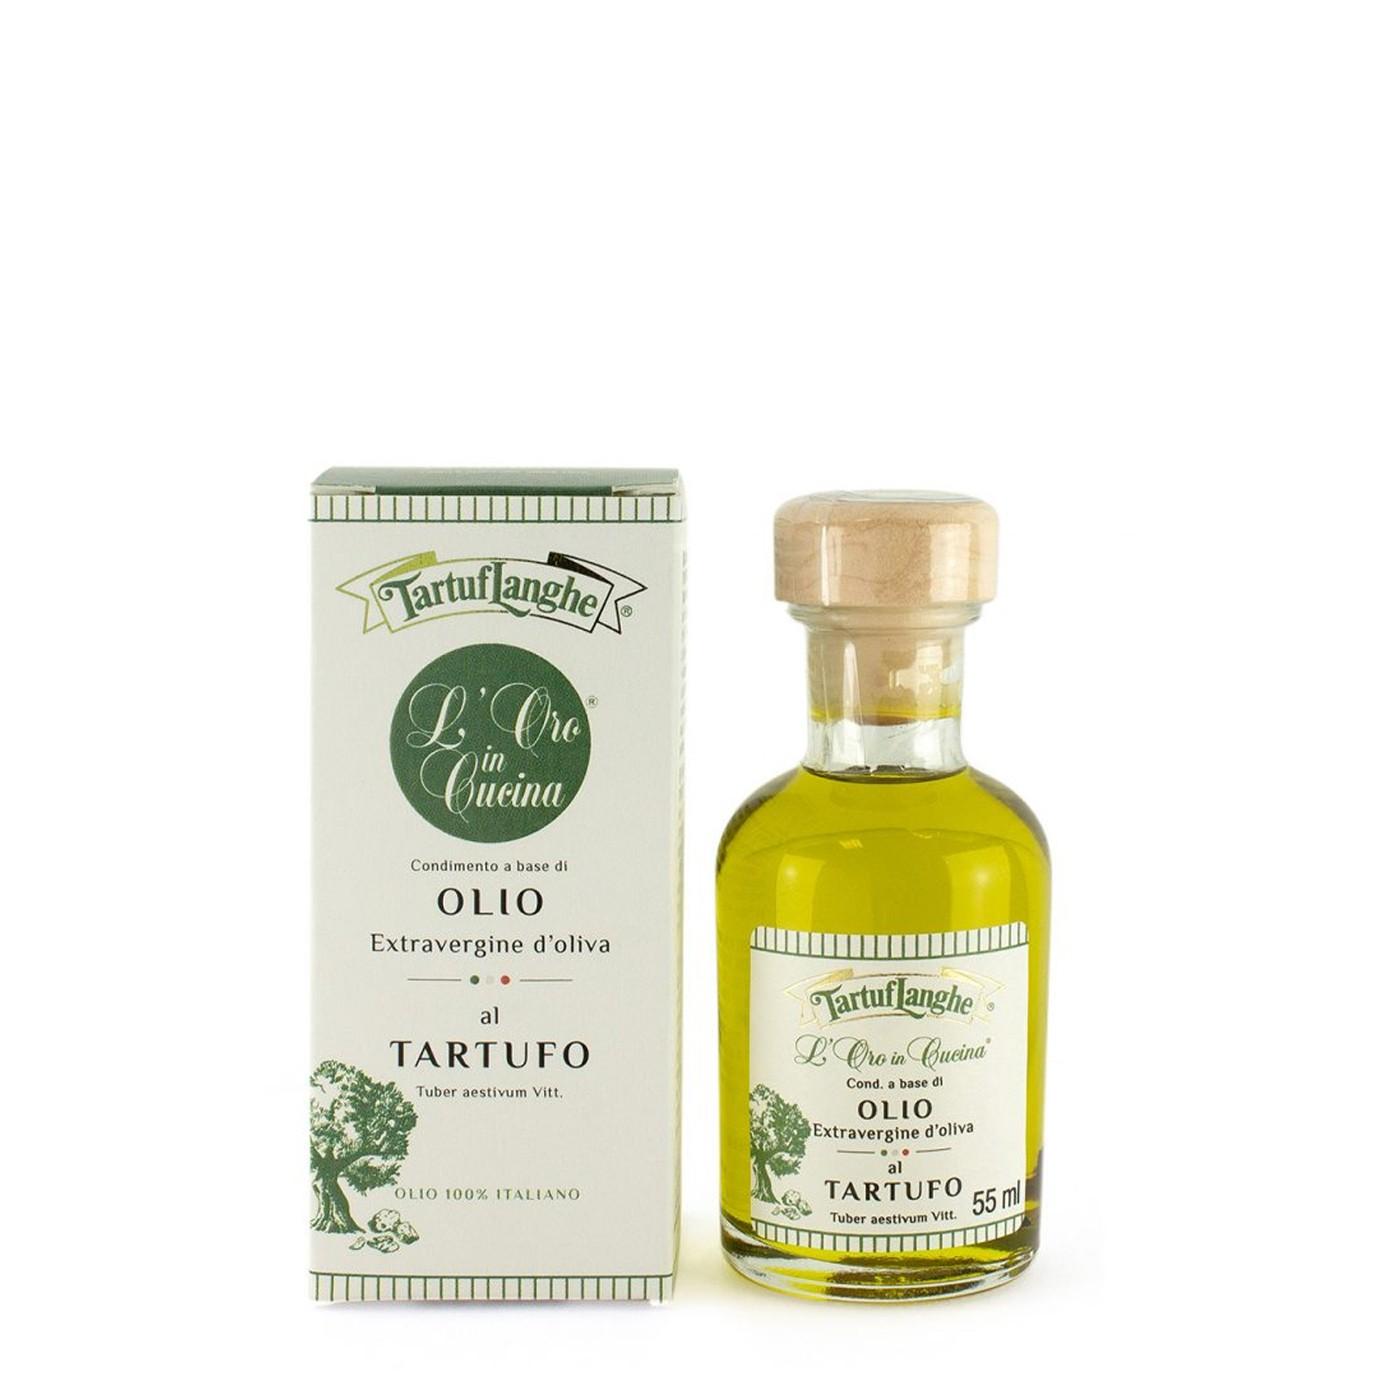 Organic Oro in Cucina Truffle Oil 1.7oz